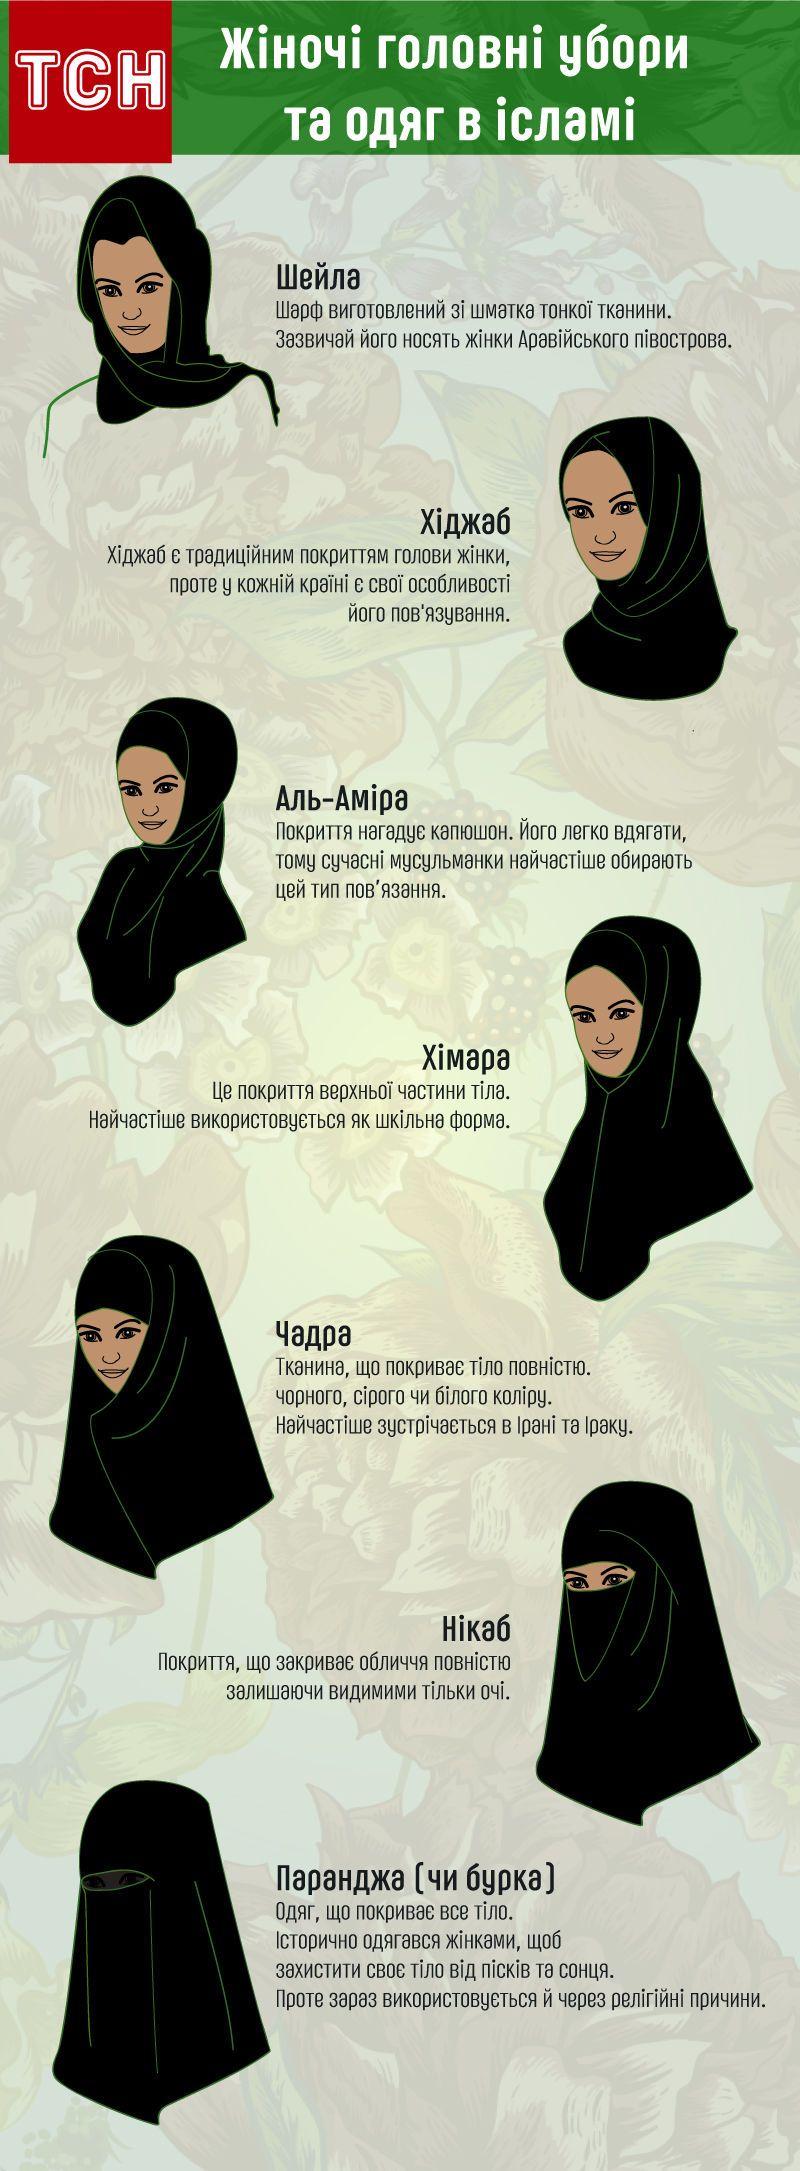 Головні убори в ісламі інфографіка